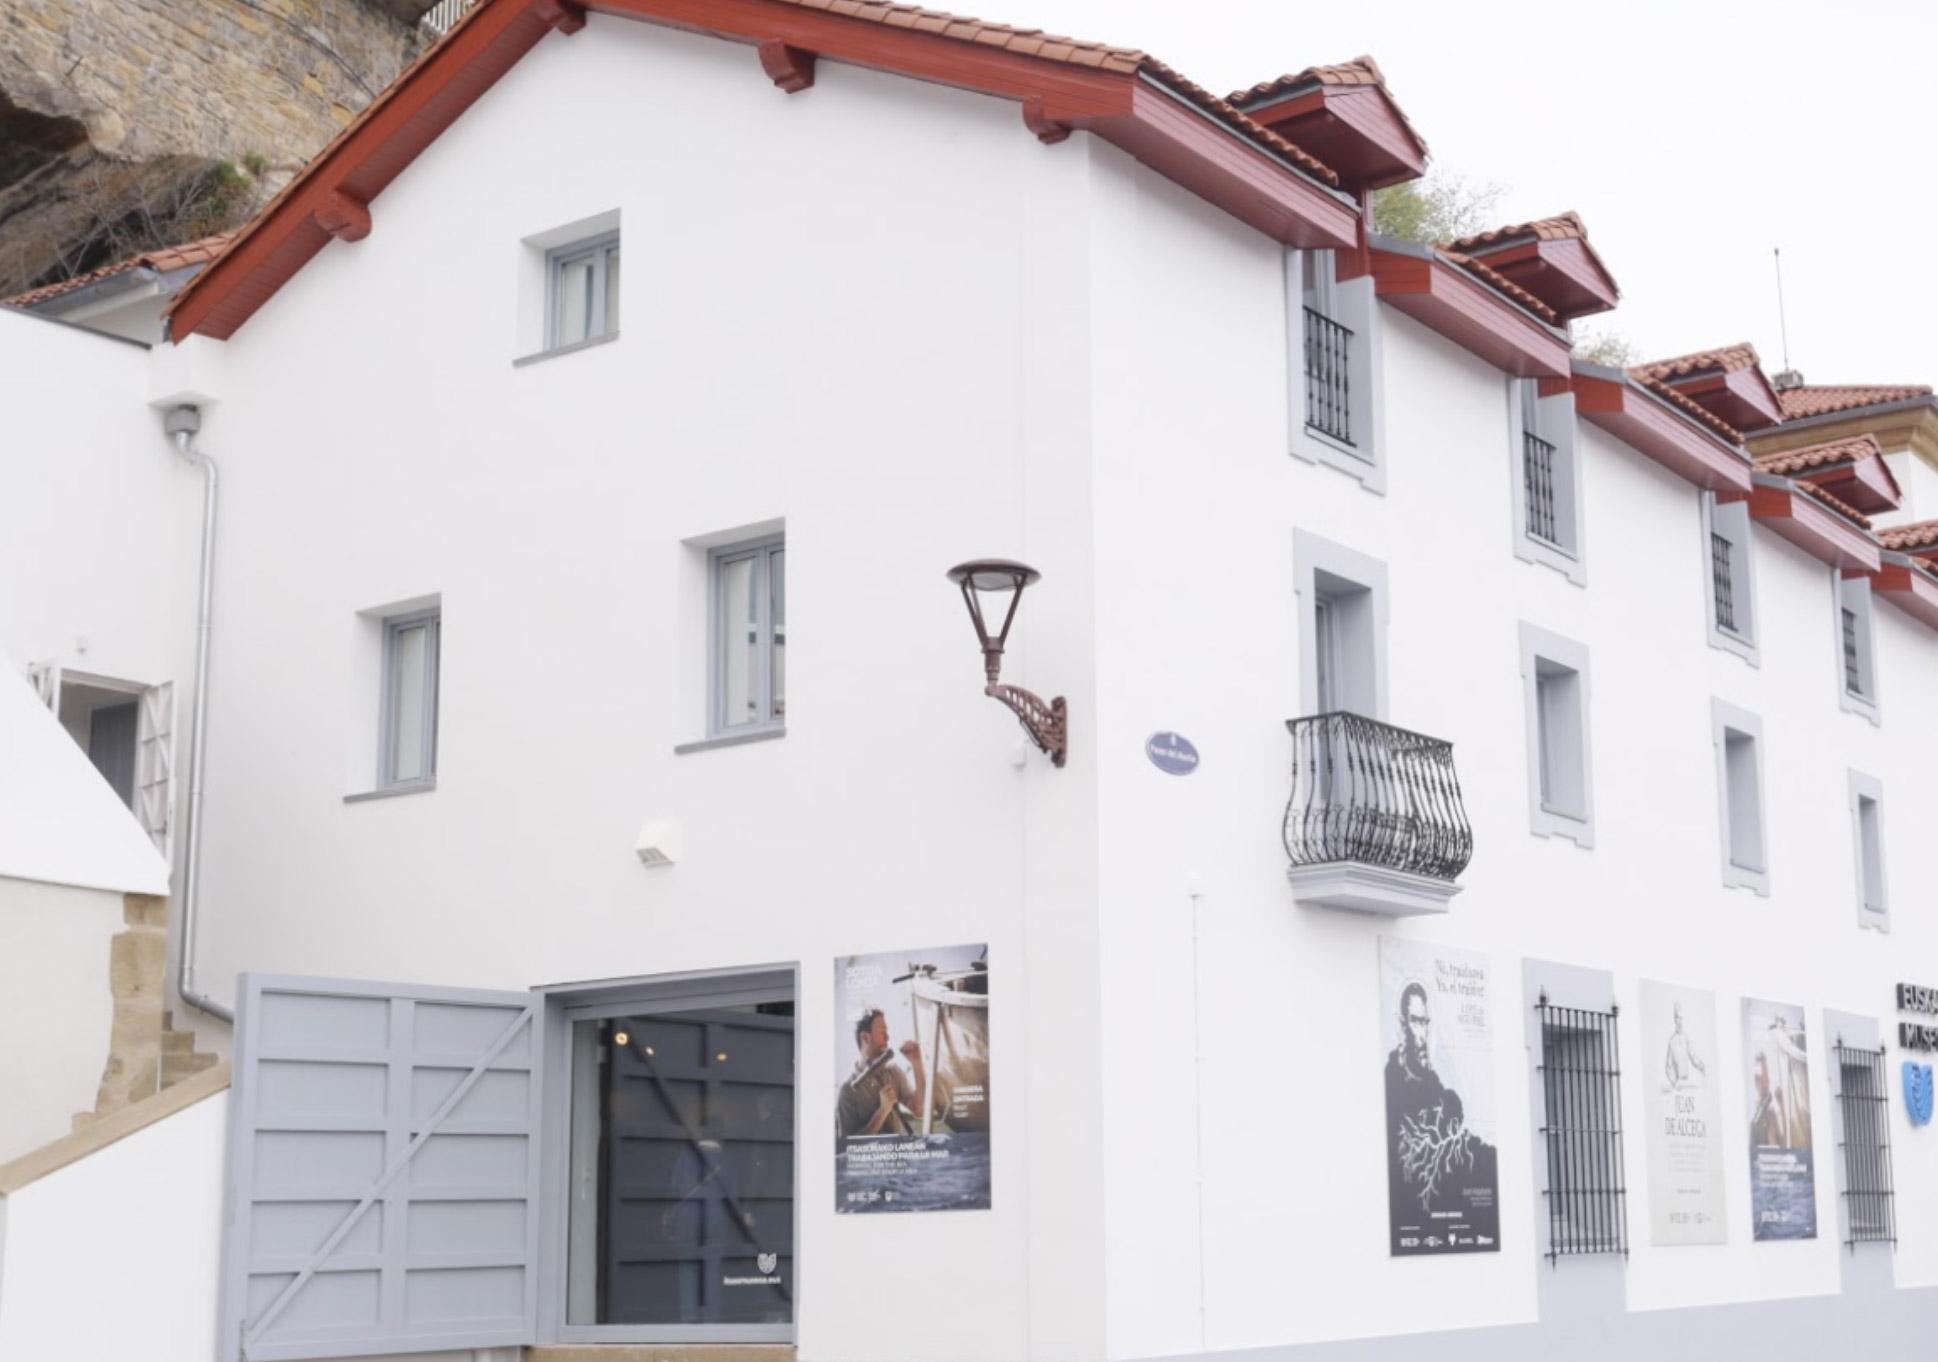 imagen moderna del edificio del museo